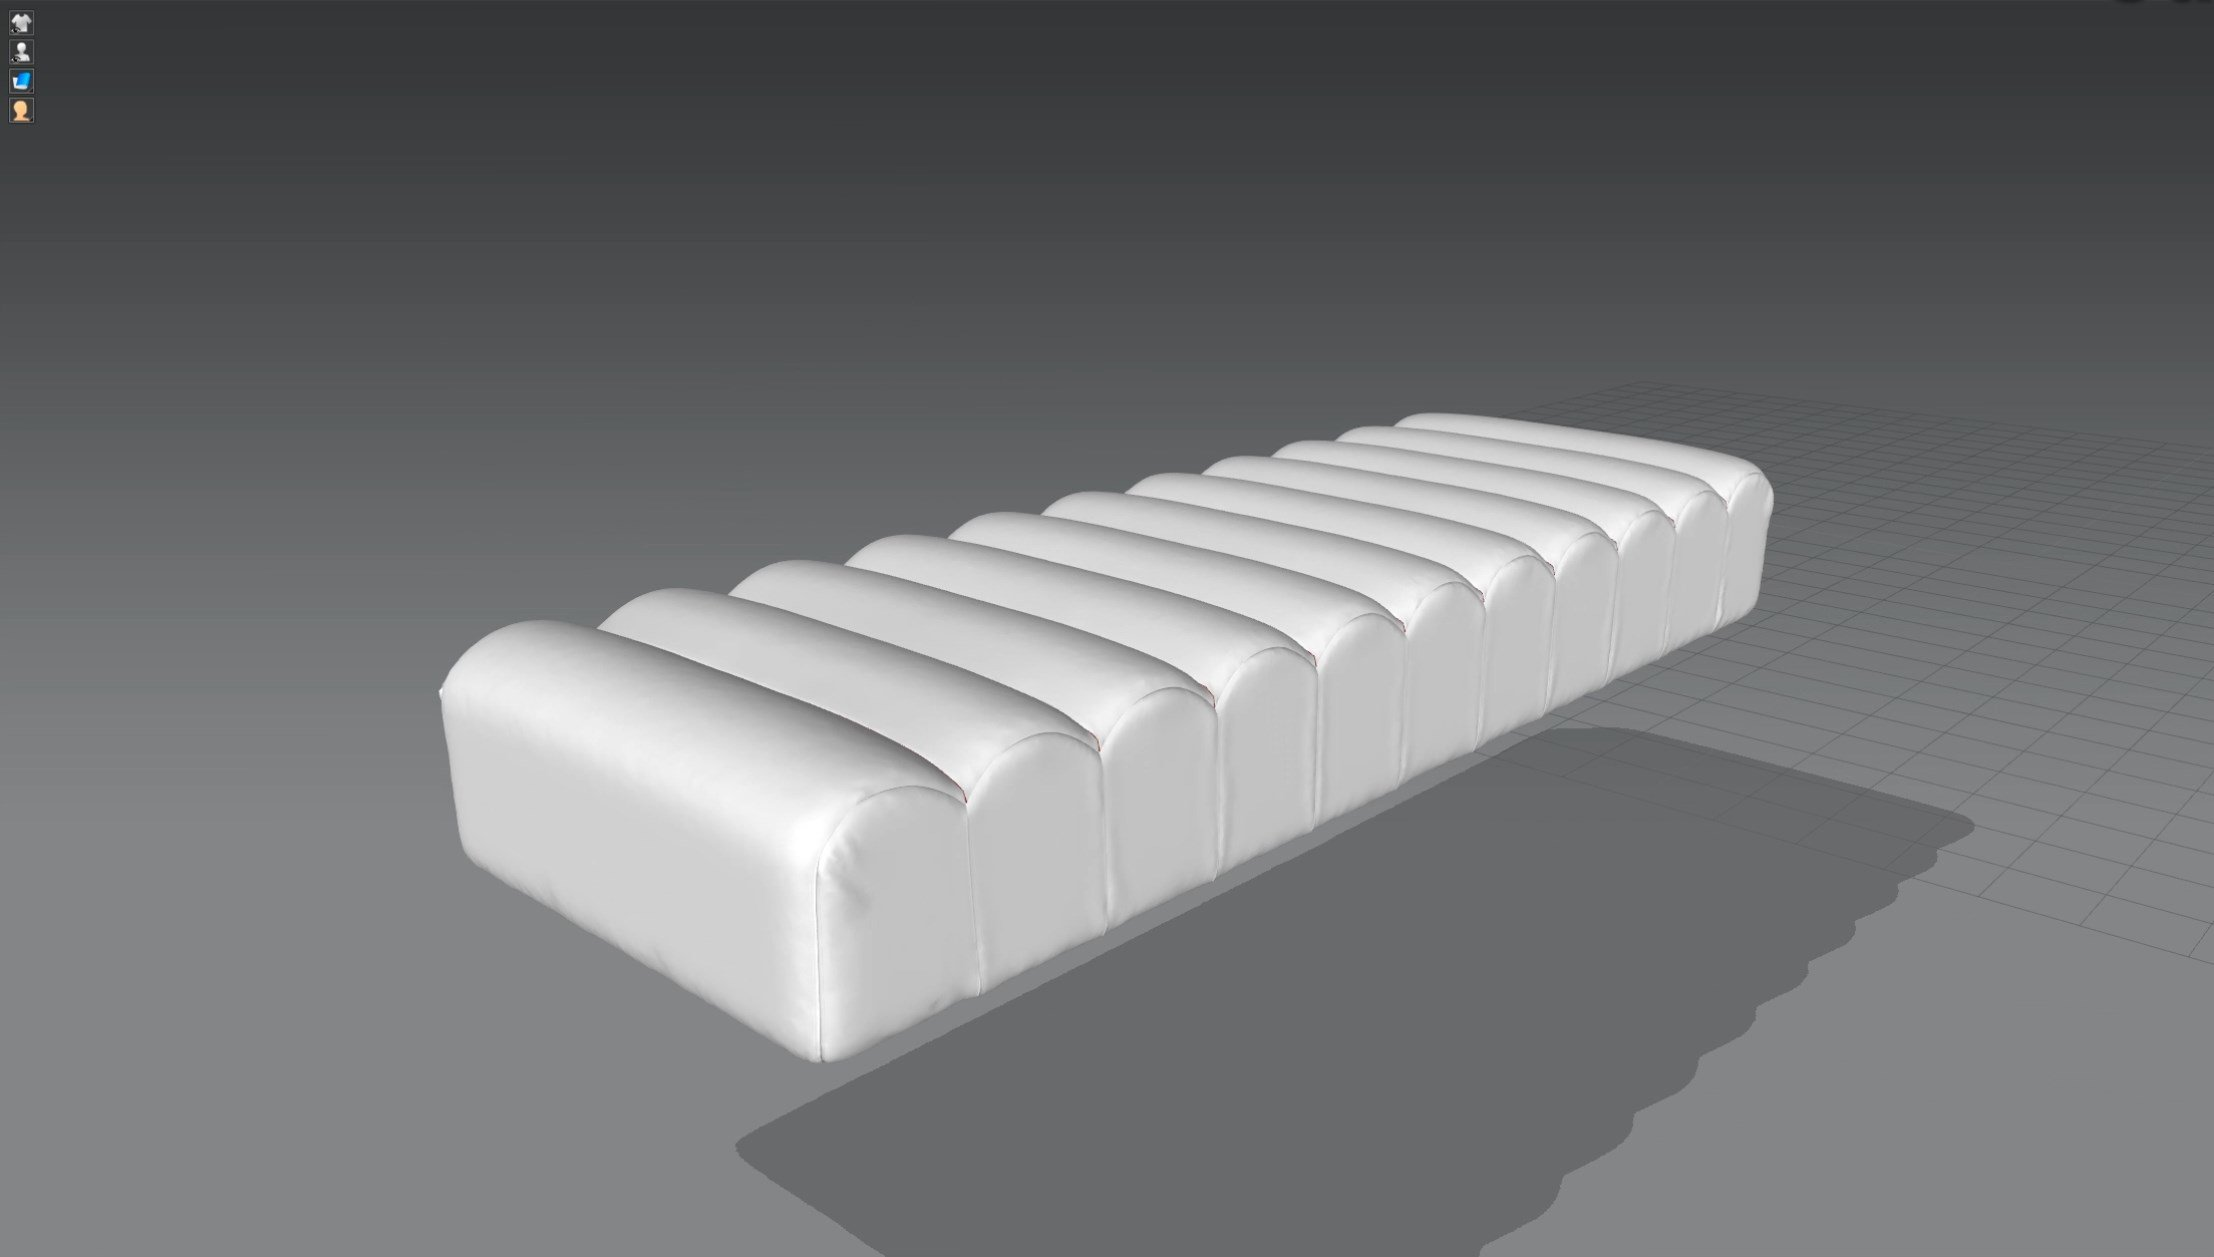 3d моделирование прикроватной скамьи DV home Ritz в 3dsMax и Marvelous Designer_2